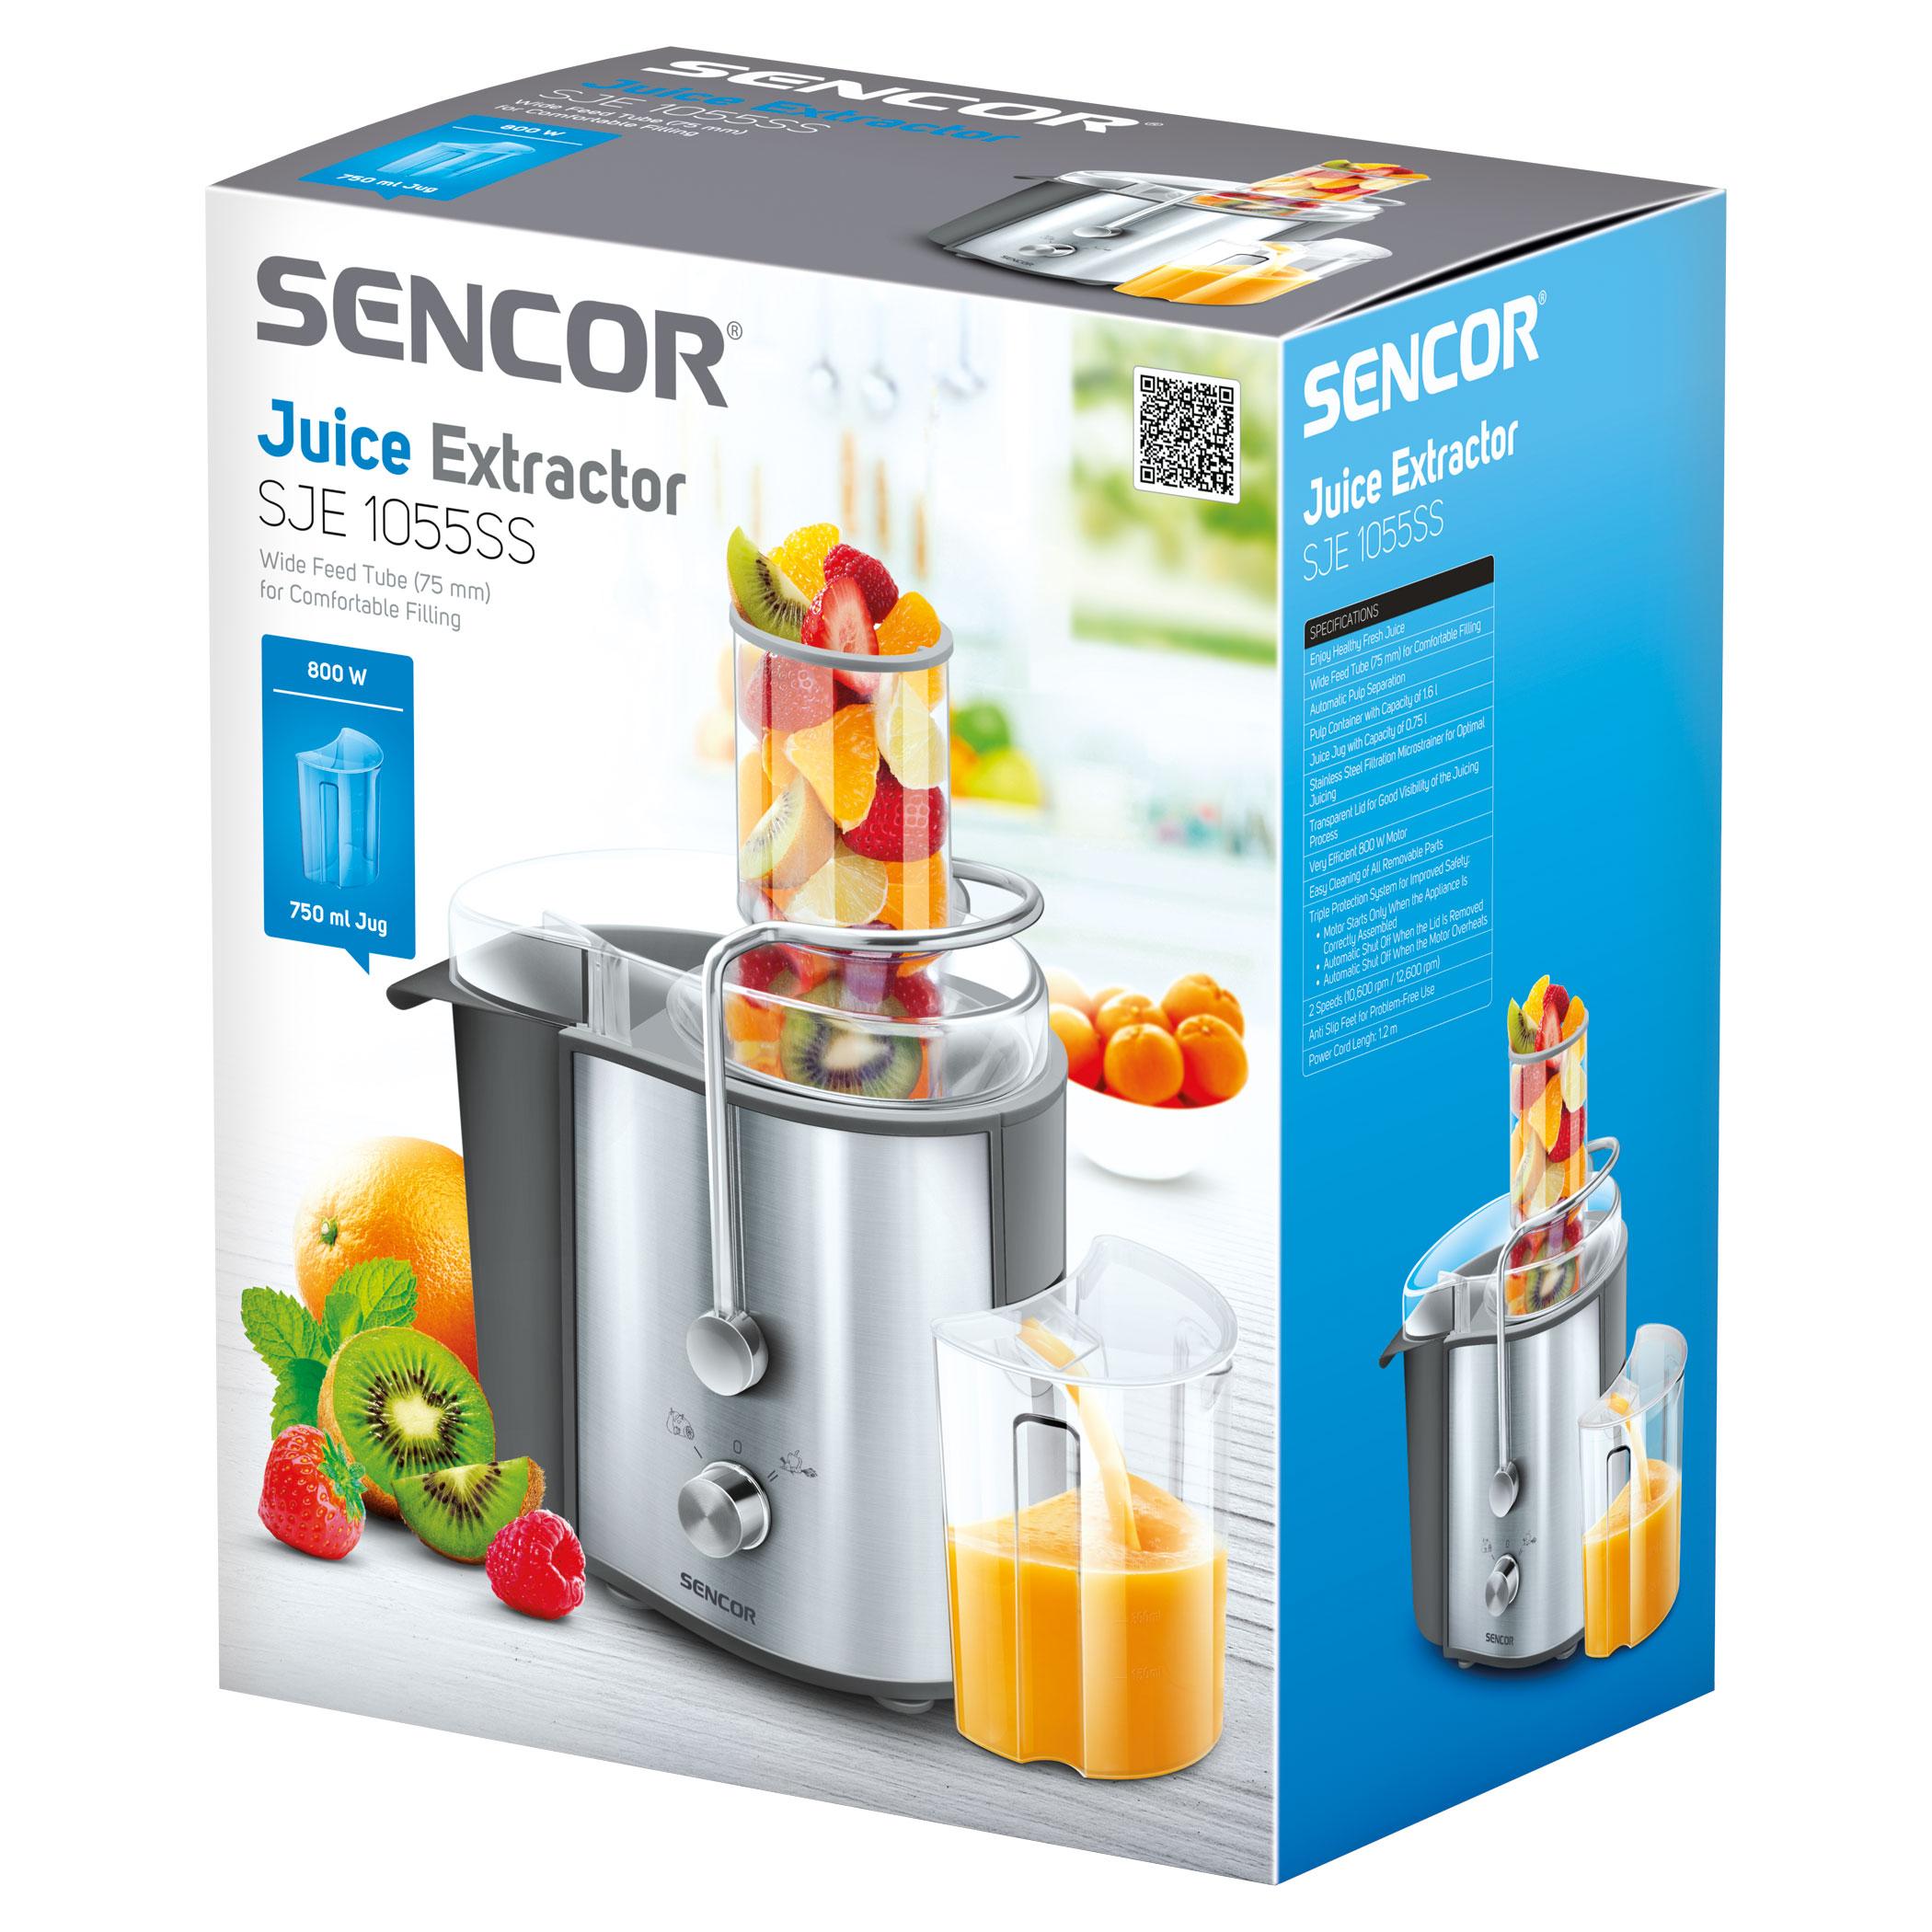 آبمیوه-گیری-سنکور-SJE-1055SS-Sencor-Juicer.....jpg